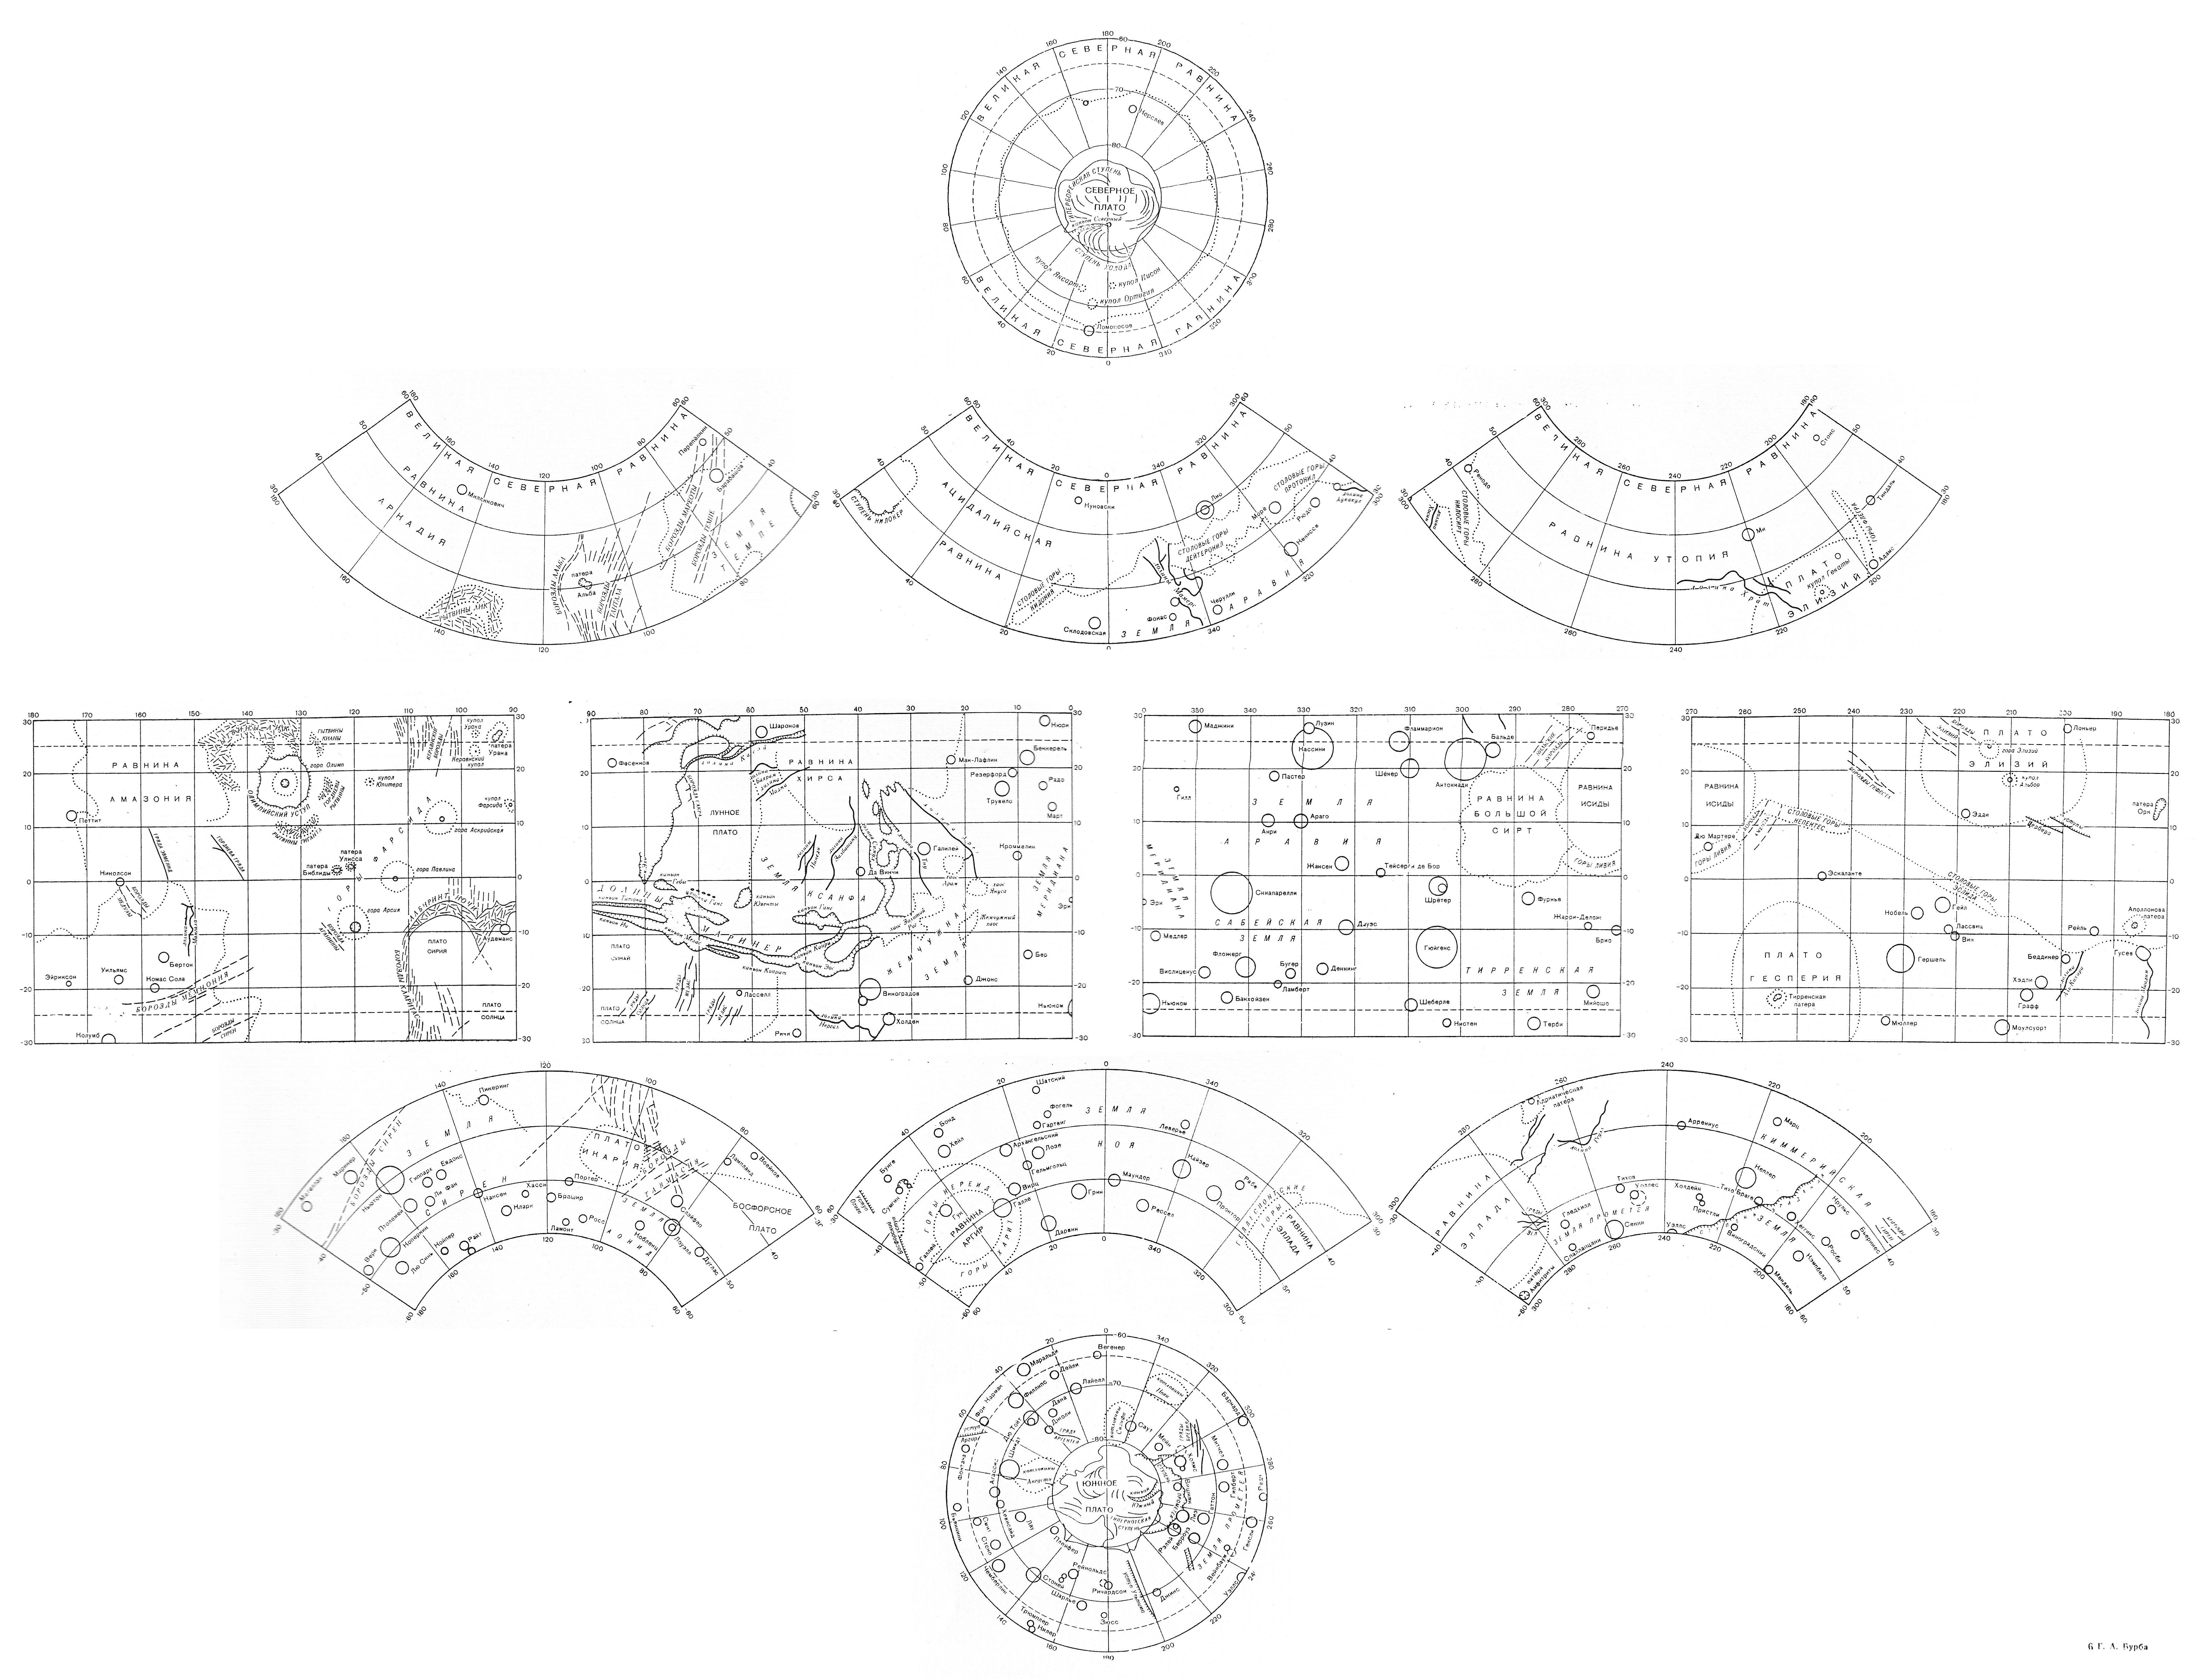 burba_mars_map_outline_nomelncature.jpg